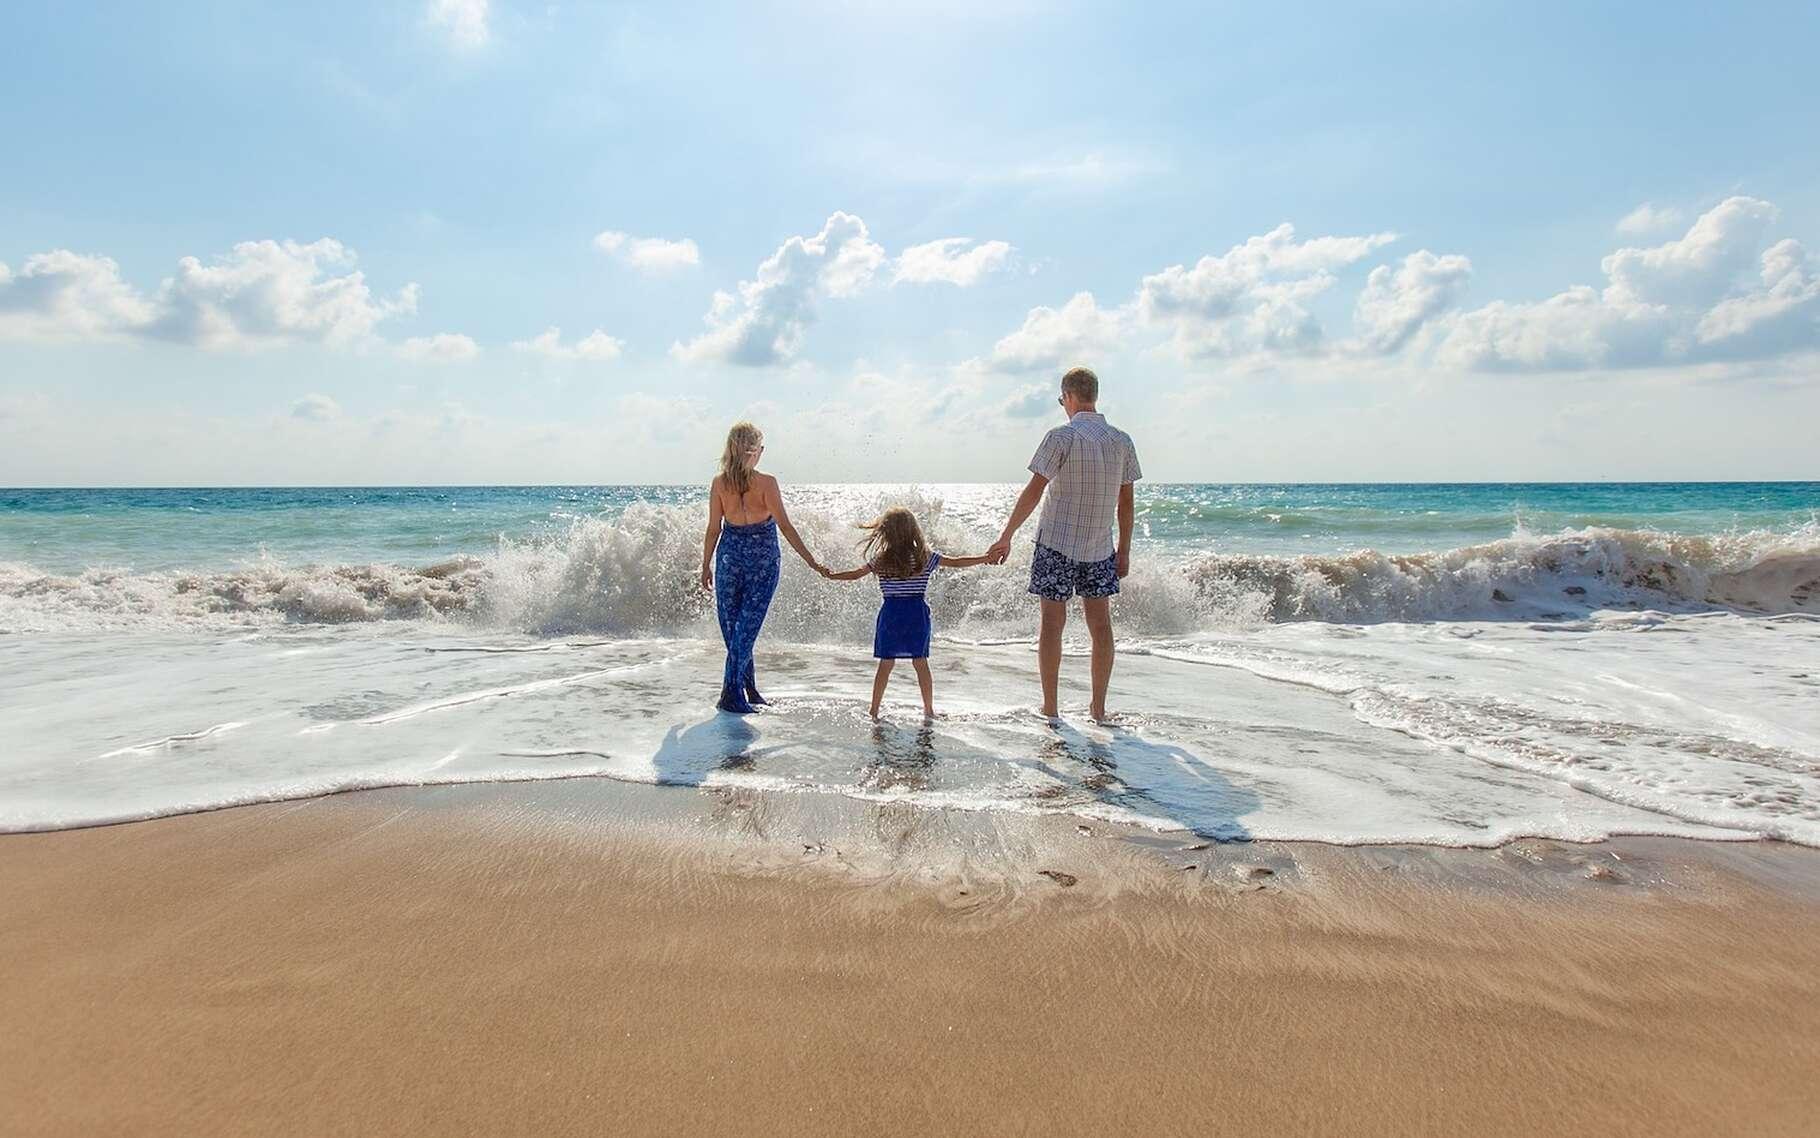 Cet été sur la plage, vous craignez les requins ou les coups de soleil ? Des chercheurs suggèrent que vous devriez plutôt vous méfier de vos incursions dans l'eau. Celles-ci seraient en effet à l'origine de modifications importantes et dommageables du microbiote de votre peau. © Pexels, Pixabay License